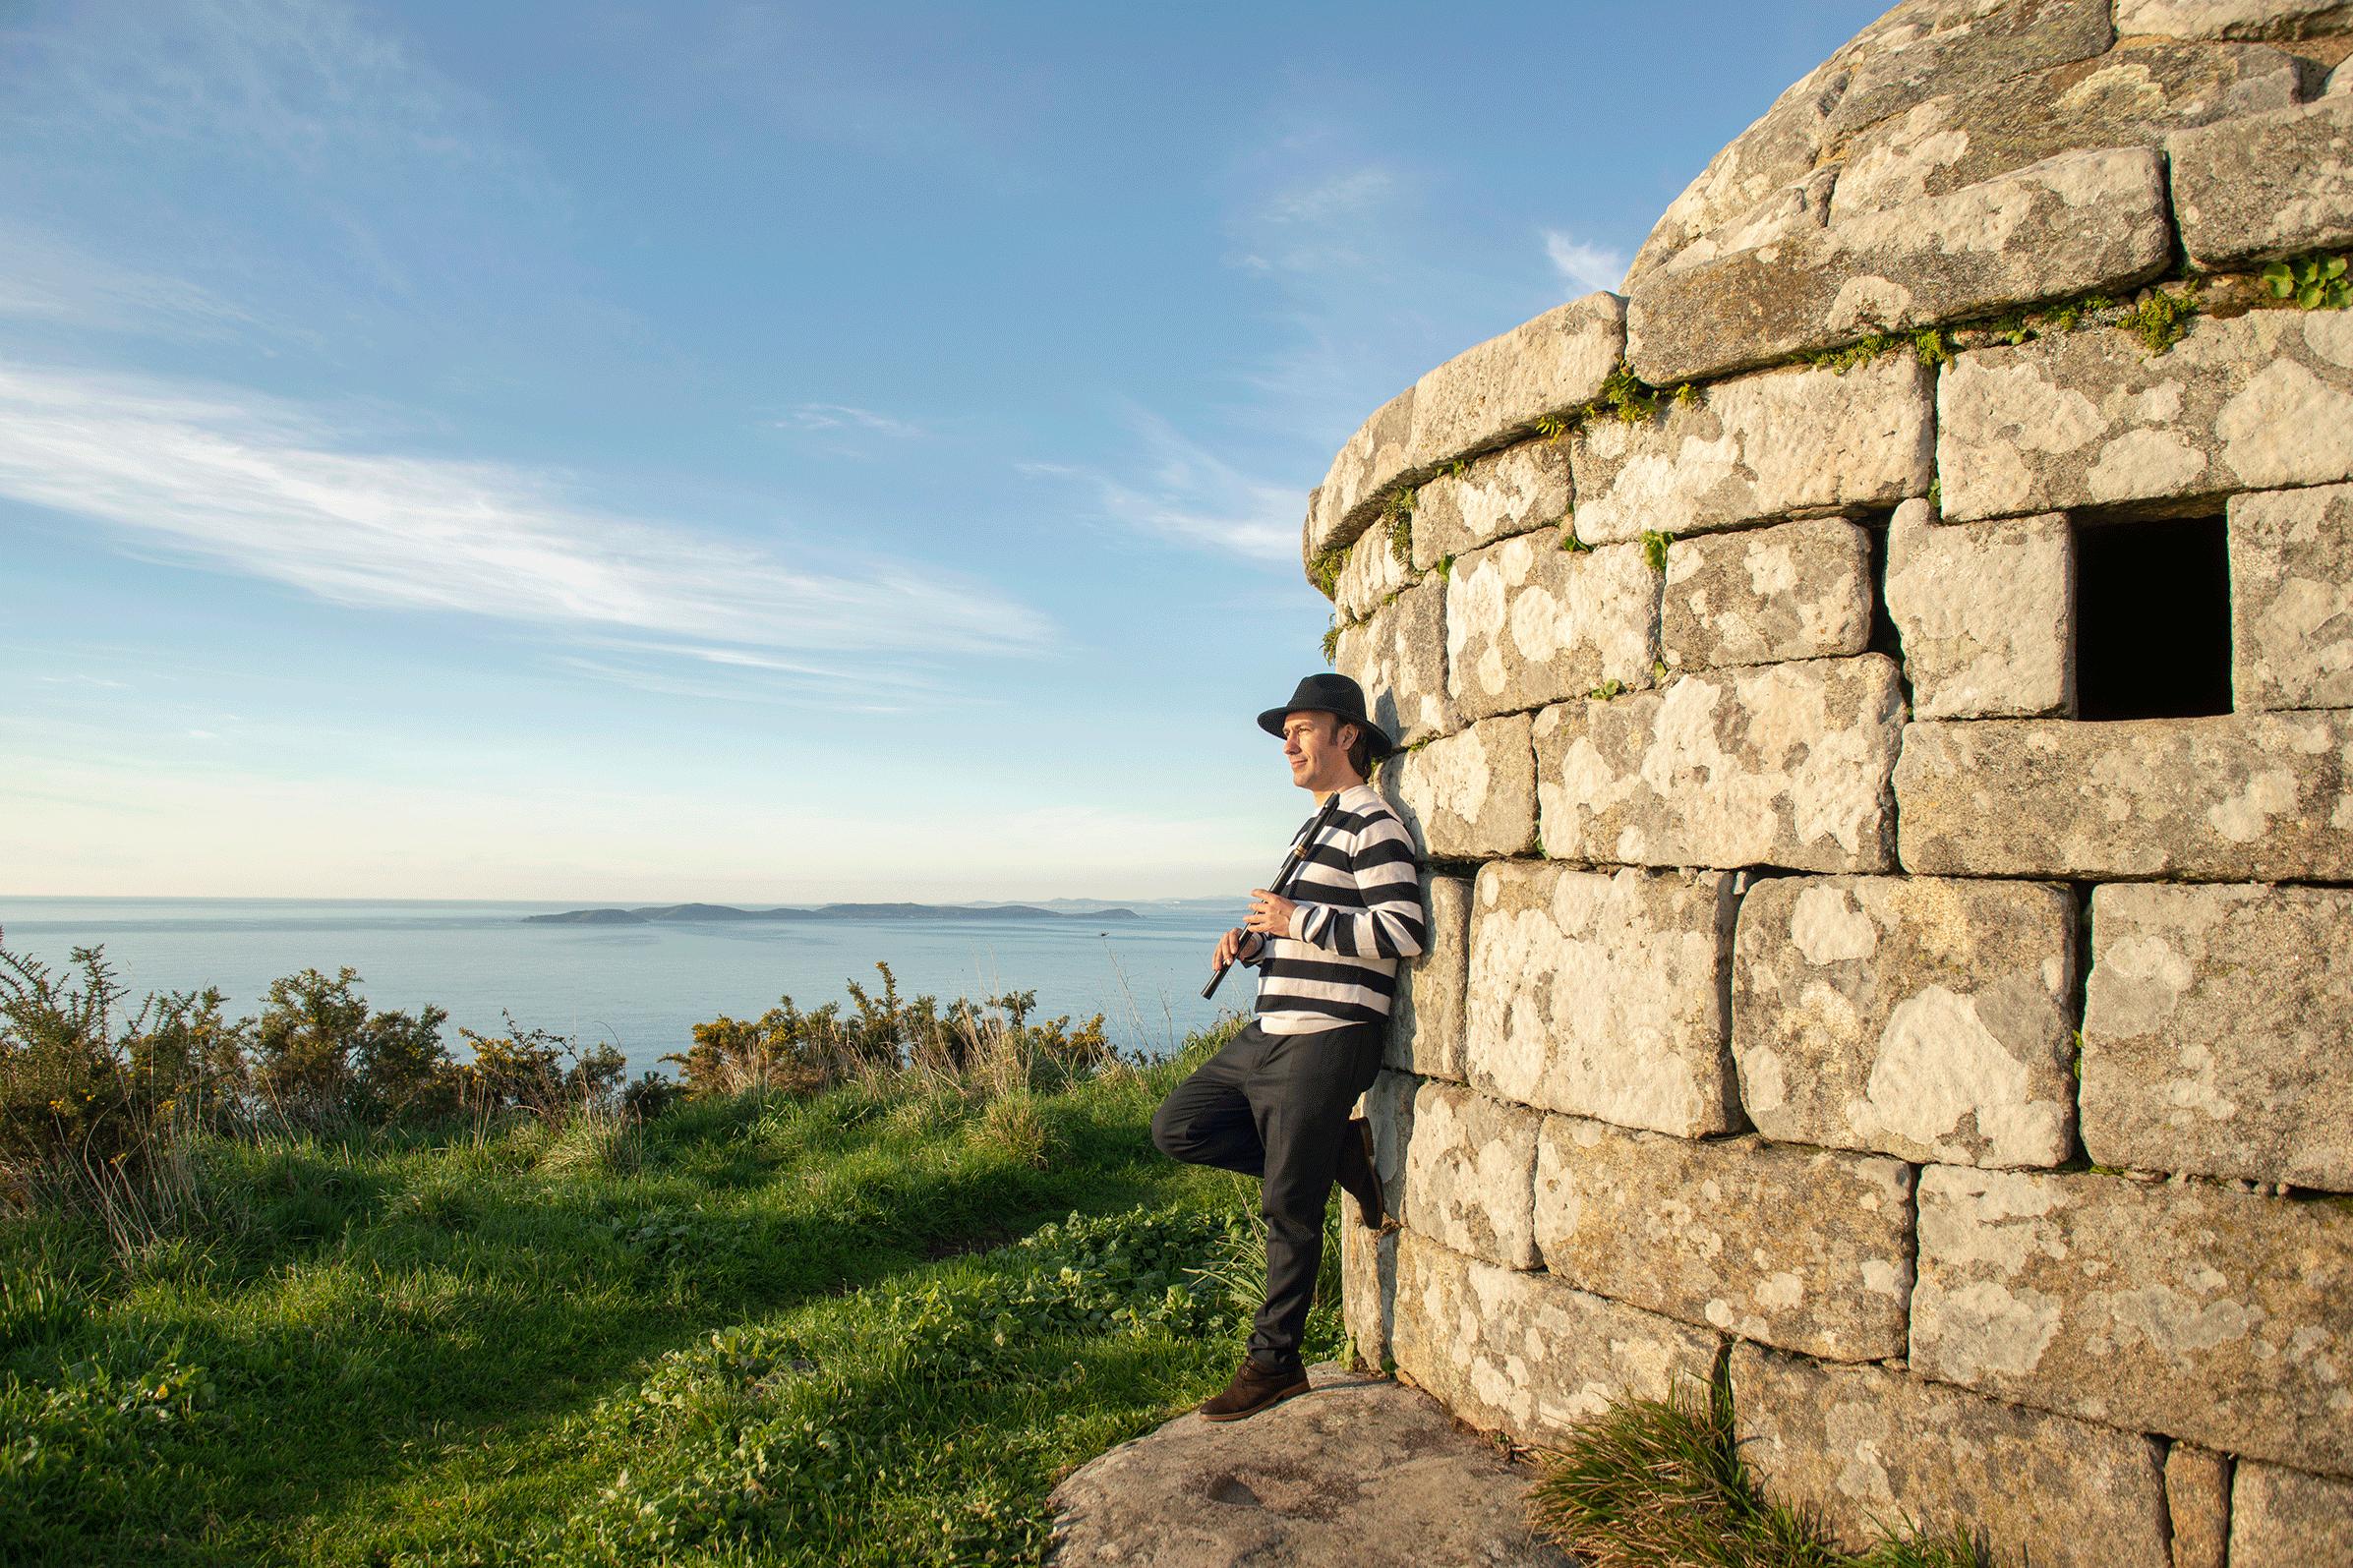 (Español) Carlos Núñez arranca en la Bodega Rectoral de Amandi su girapor lugares especiales de Galicia